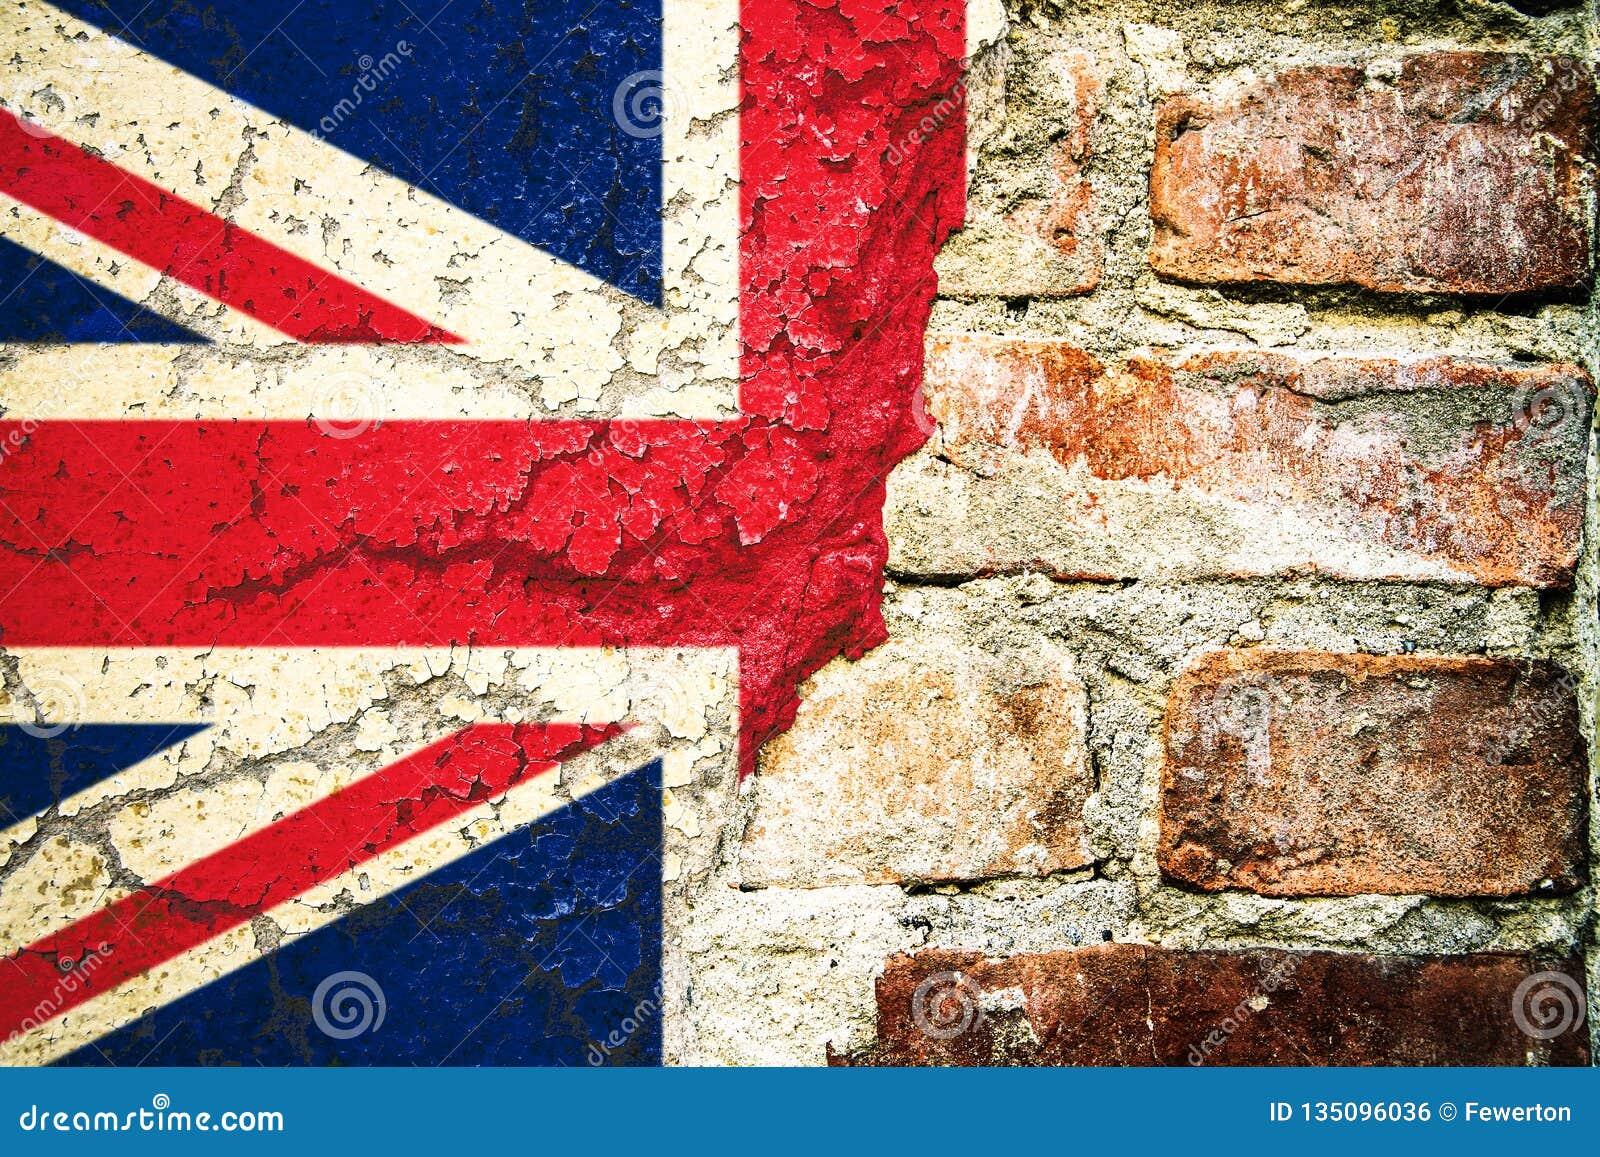 De vlag van het Verenigd Koninkrijk het UK het vlag geschilderde gebarsten verdeelde het pellen van de het cementvoorgevel van de